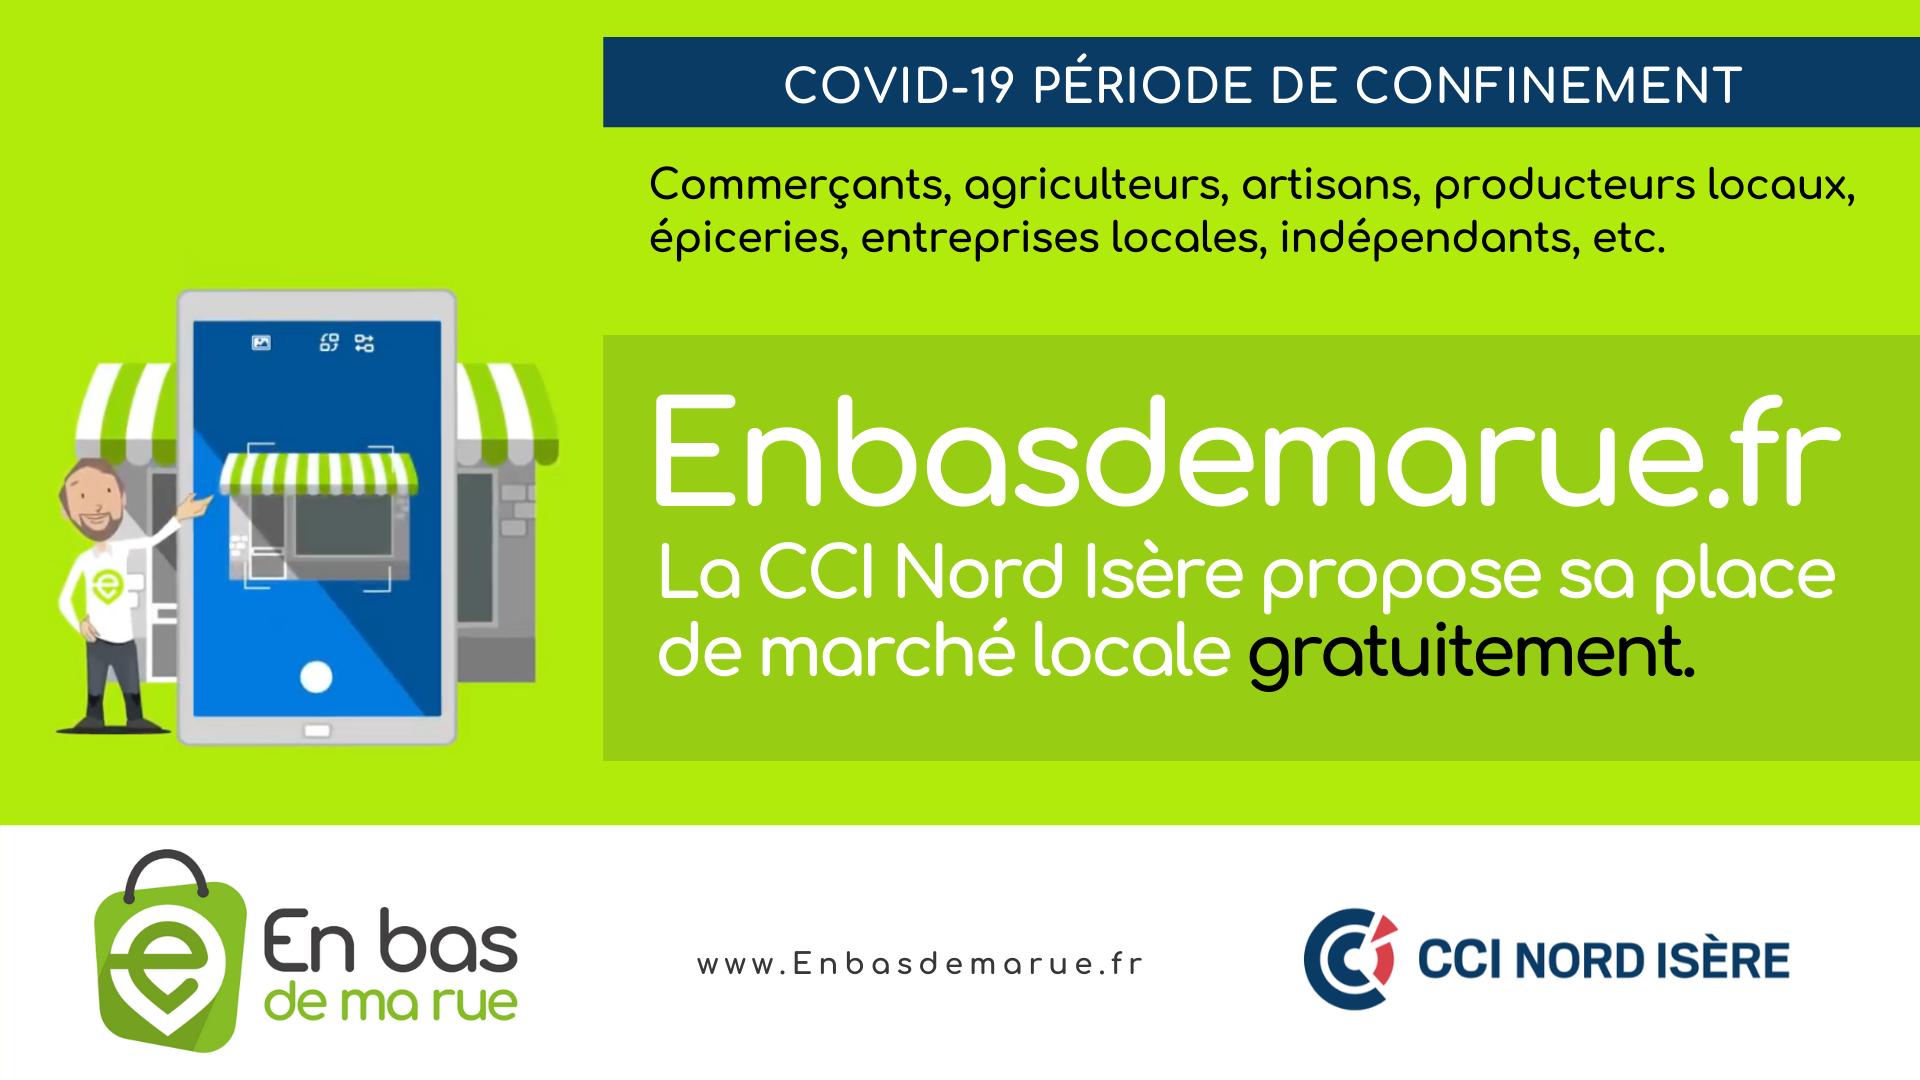 You are currently viewing La CCI Nord Isère propose gratuitement pendant toute la période de confinement sa place de marché locale Enbasdemarue.fr